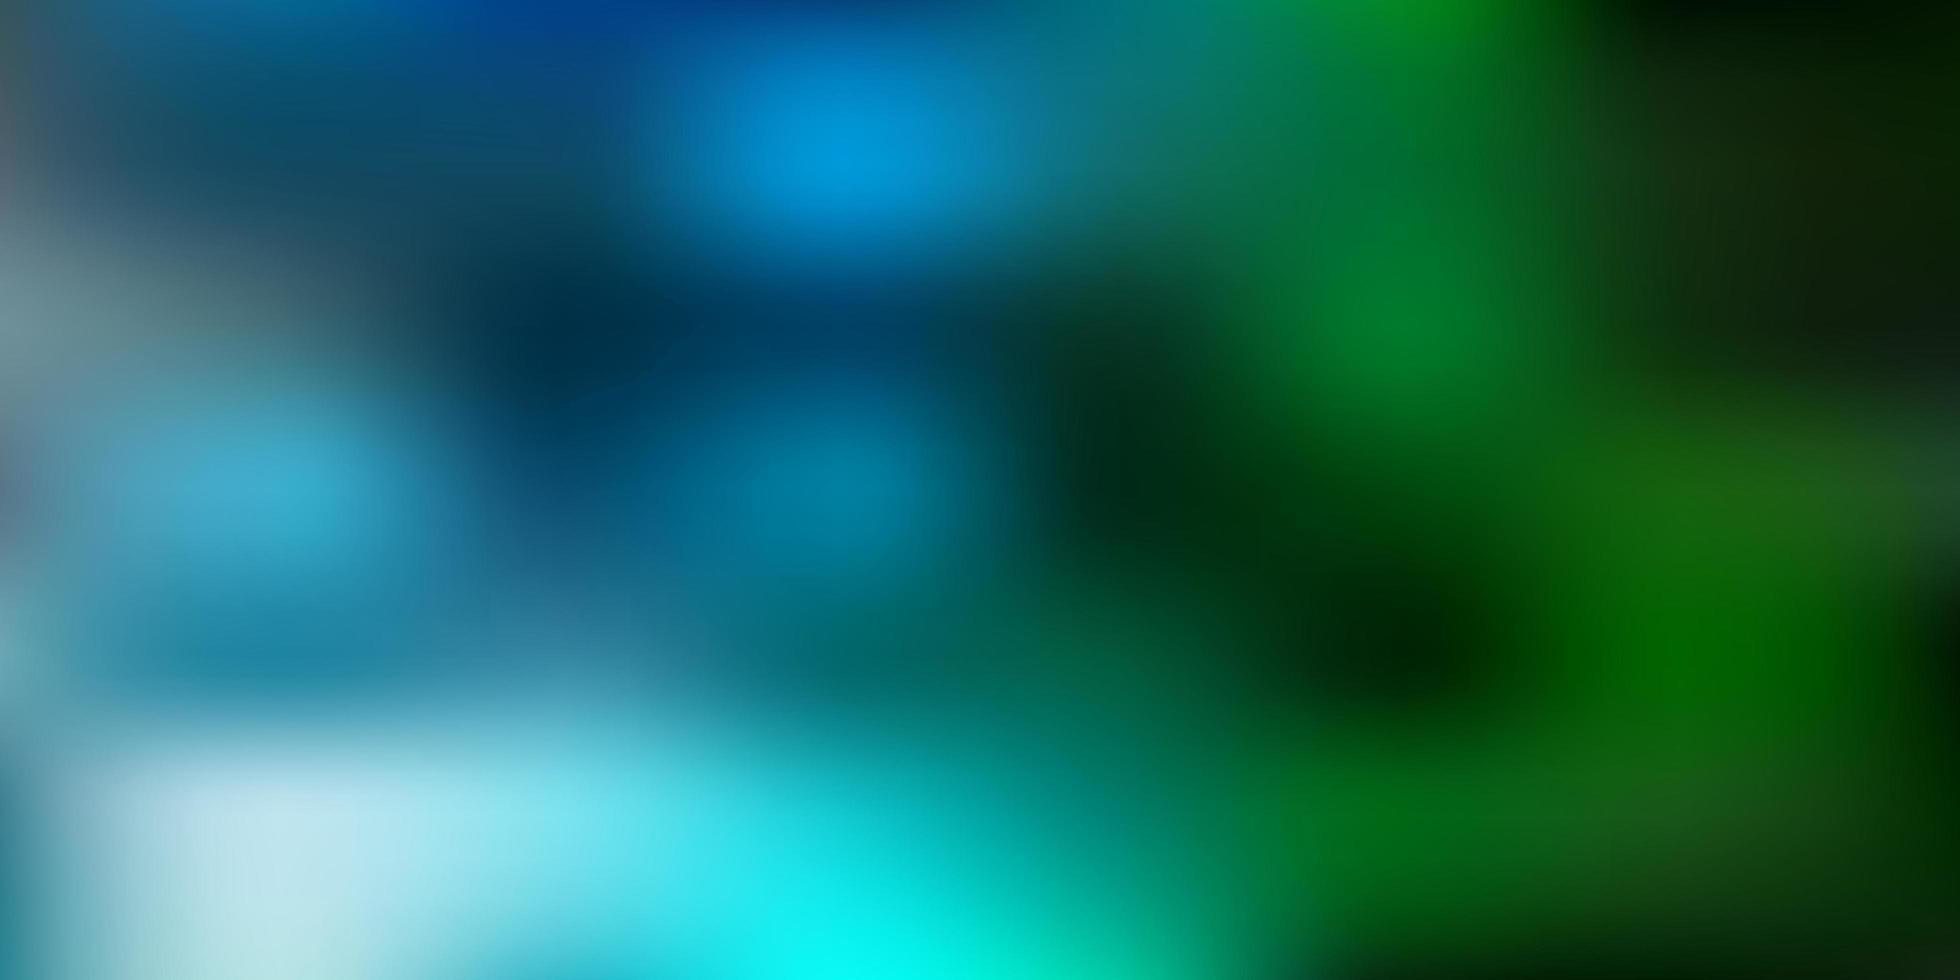 hellblaue und grüne Farbverlaufs-Unschärfetextur. vektor